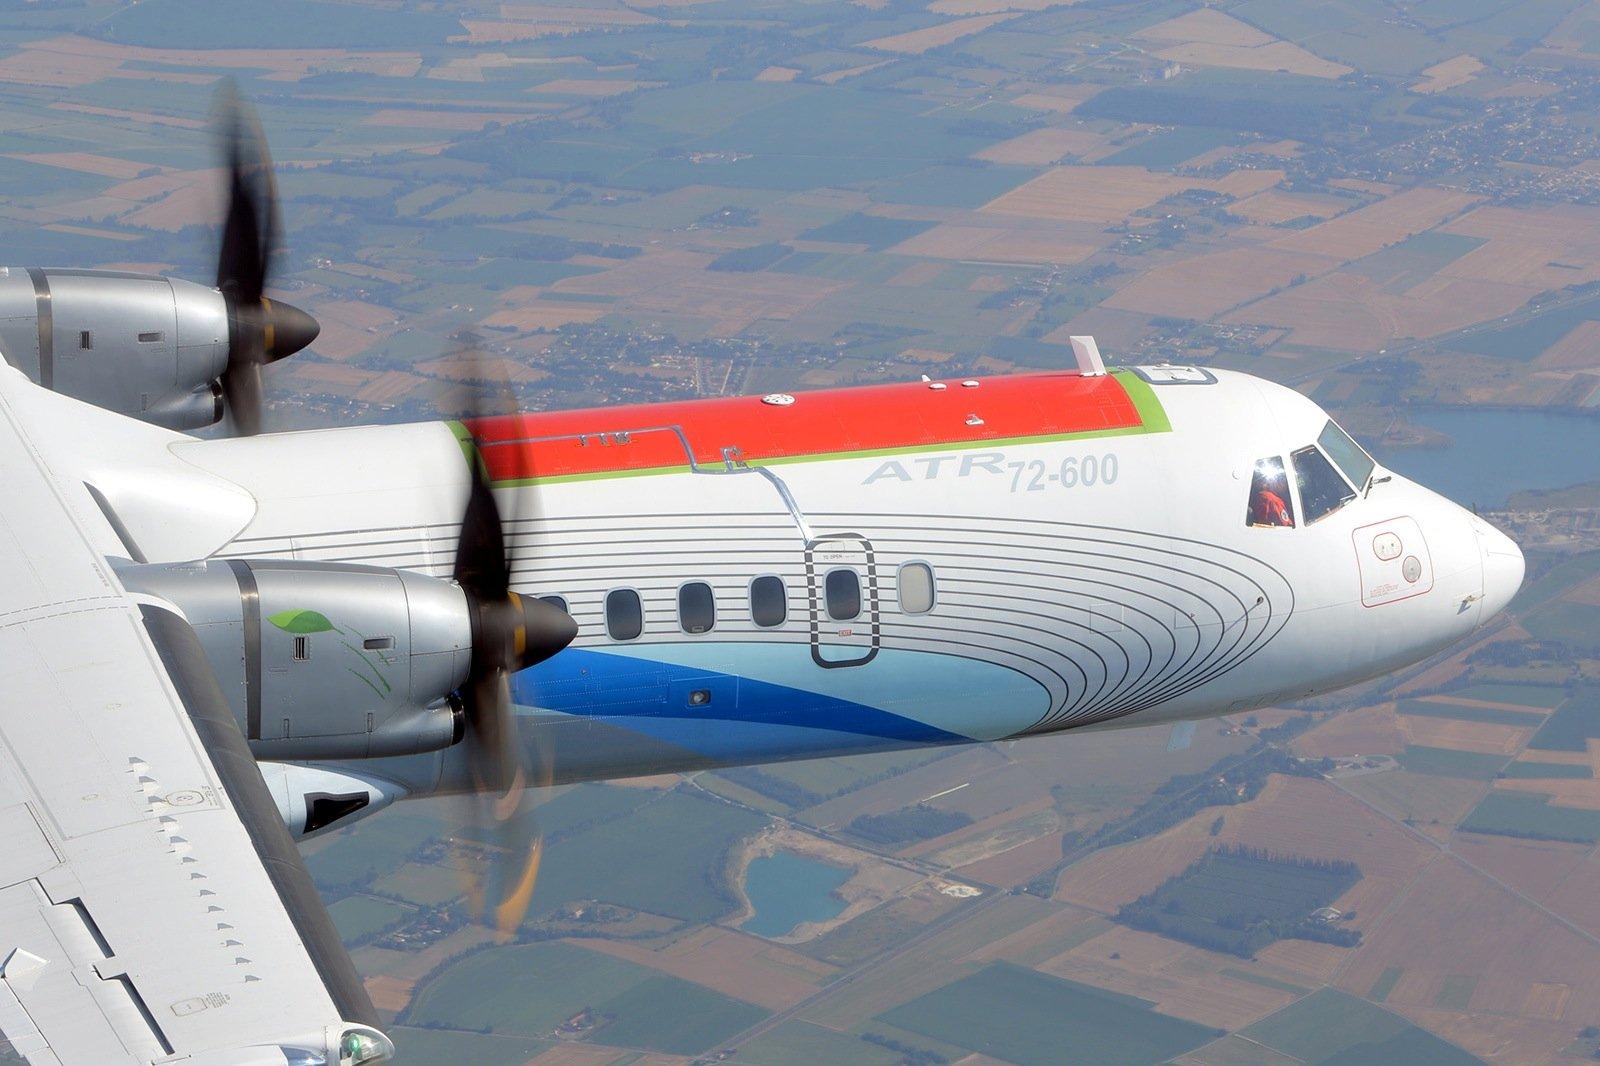 Als Testflugzeug diente den Fraunhofer-Ingenieuren dasMittelstreckenflugzeug ATR-72-600 des italienischen Herstellers Alenia.Für die Flüge wurde ein etwa 5x3 Meter langes CFK-Bauteil eingesetzt. Dieser Bereich ist eines der am stärksten belasteten Bauteile beim Flug.